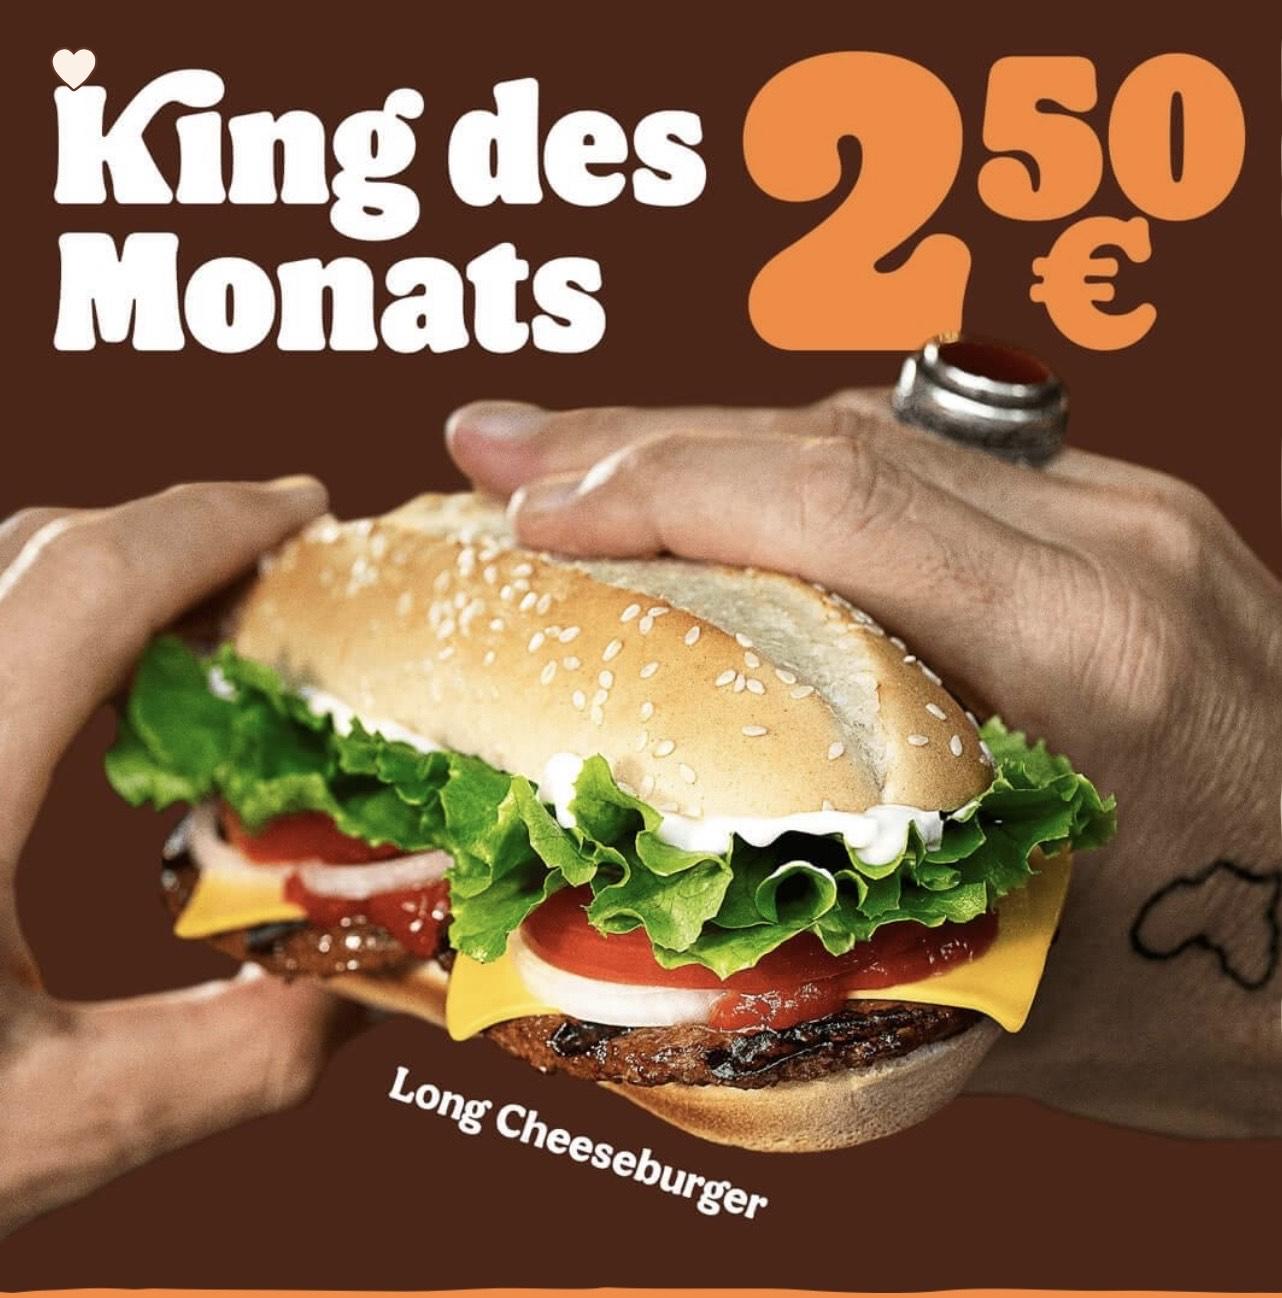 """Burger King: King des Monats Juni """"Long Cheeseburger"""""""